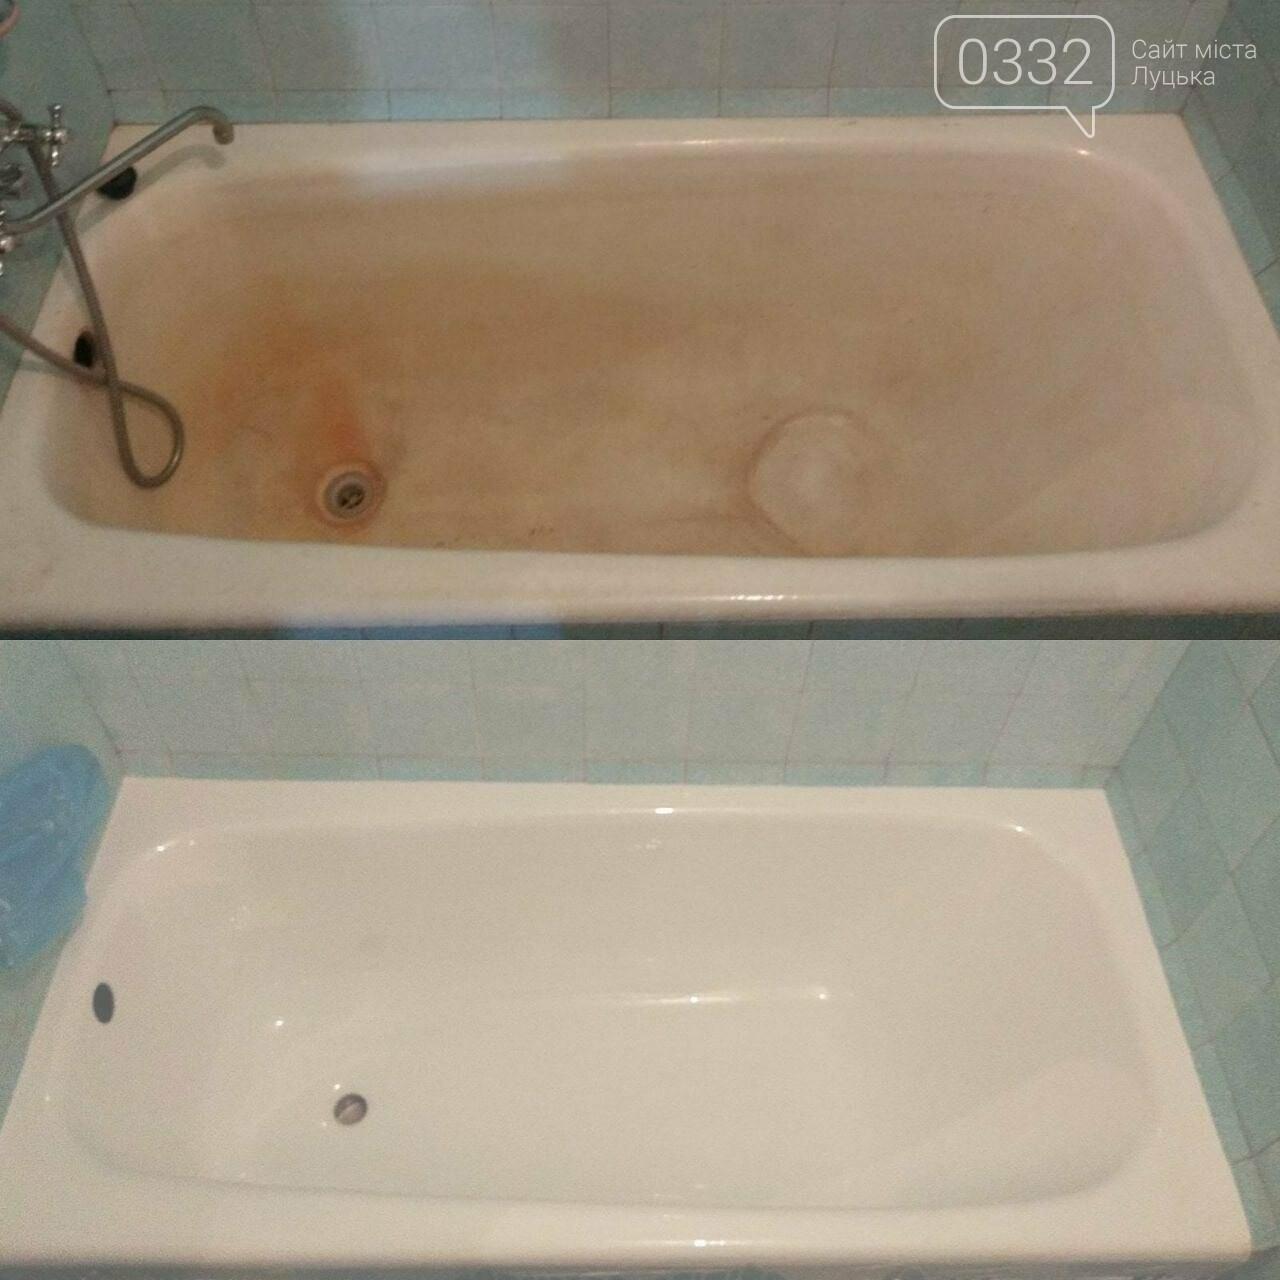 Відновлення ванни у Луцьку: як без покупки мати нову ванну?, фото-6